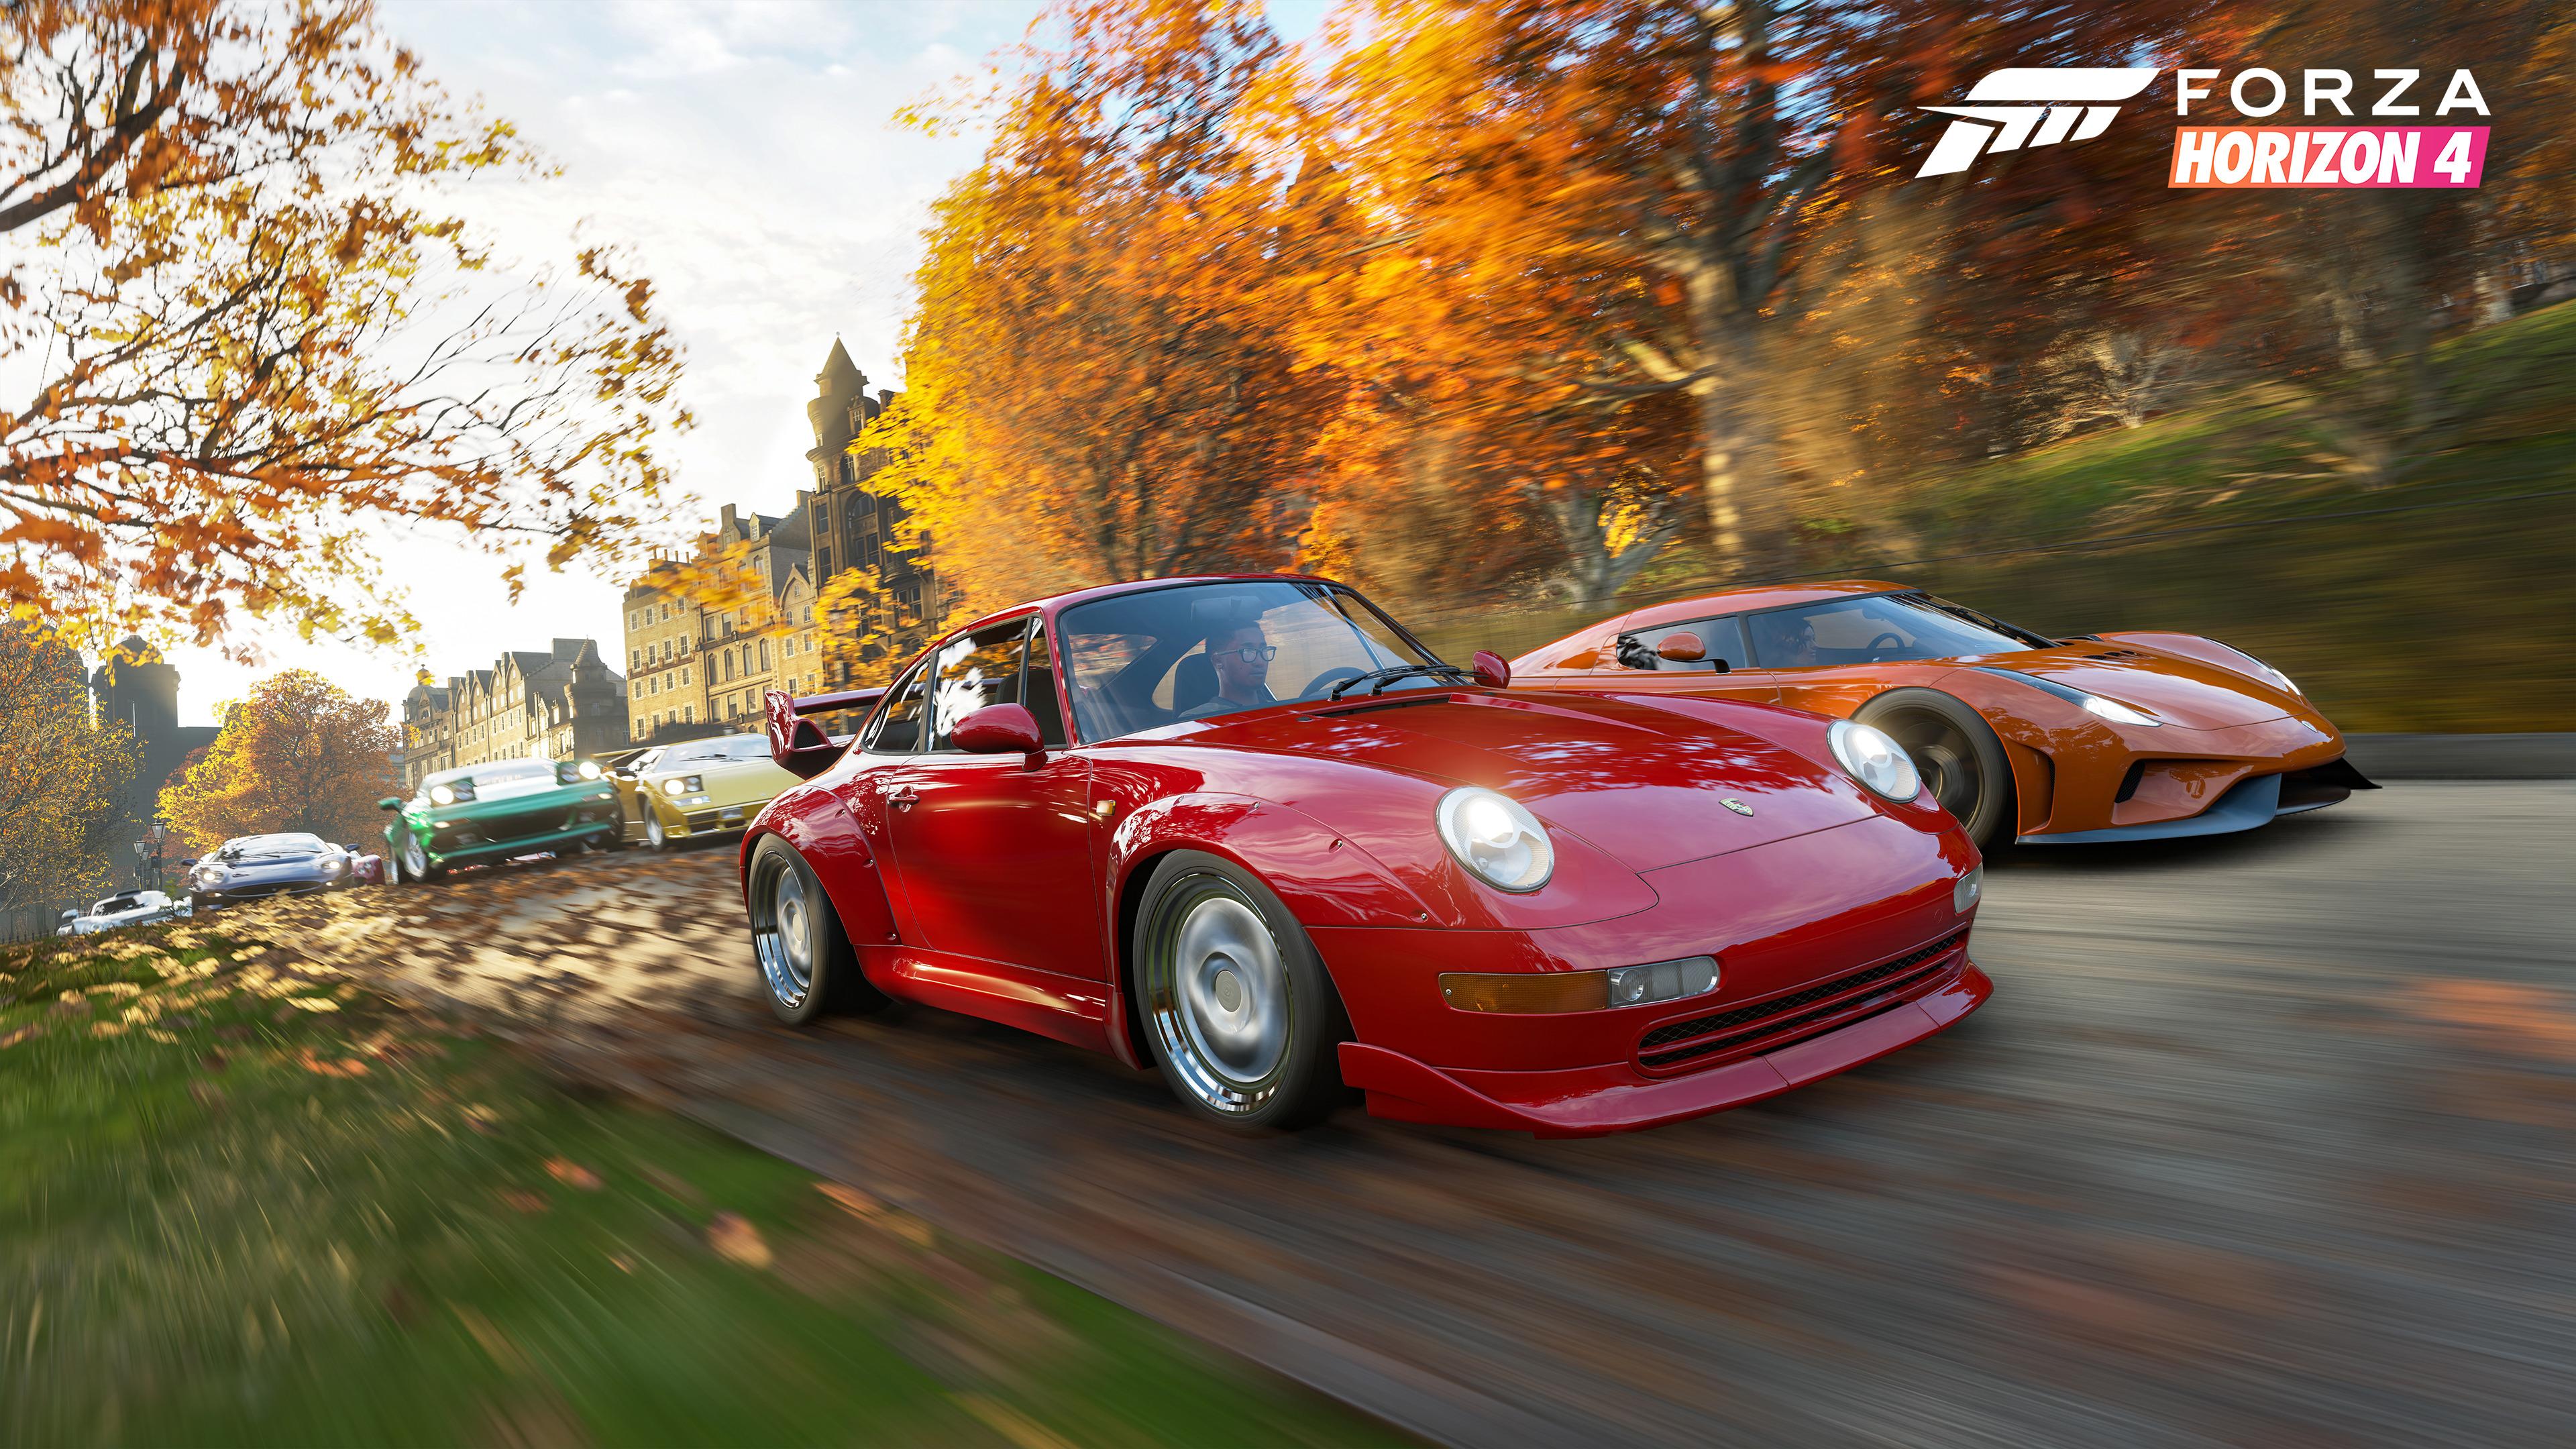 Forza Horizon 4 chega amanhã: principais novidades, críticas, carros e mais  | Torcedores | Notícias sobre Futebol, Games e outros esportes